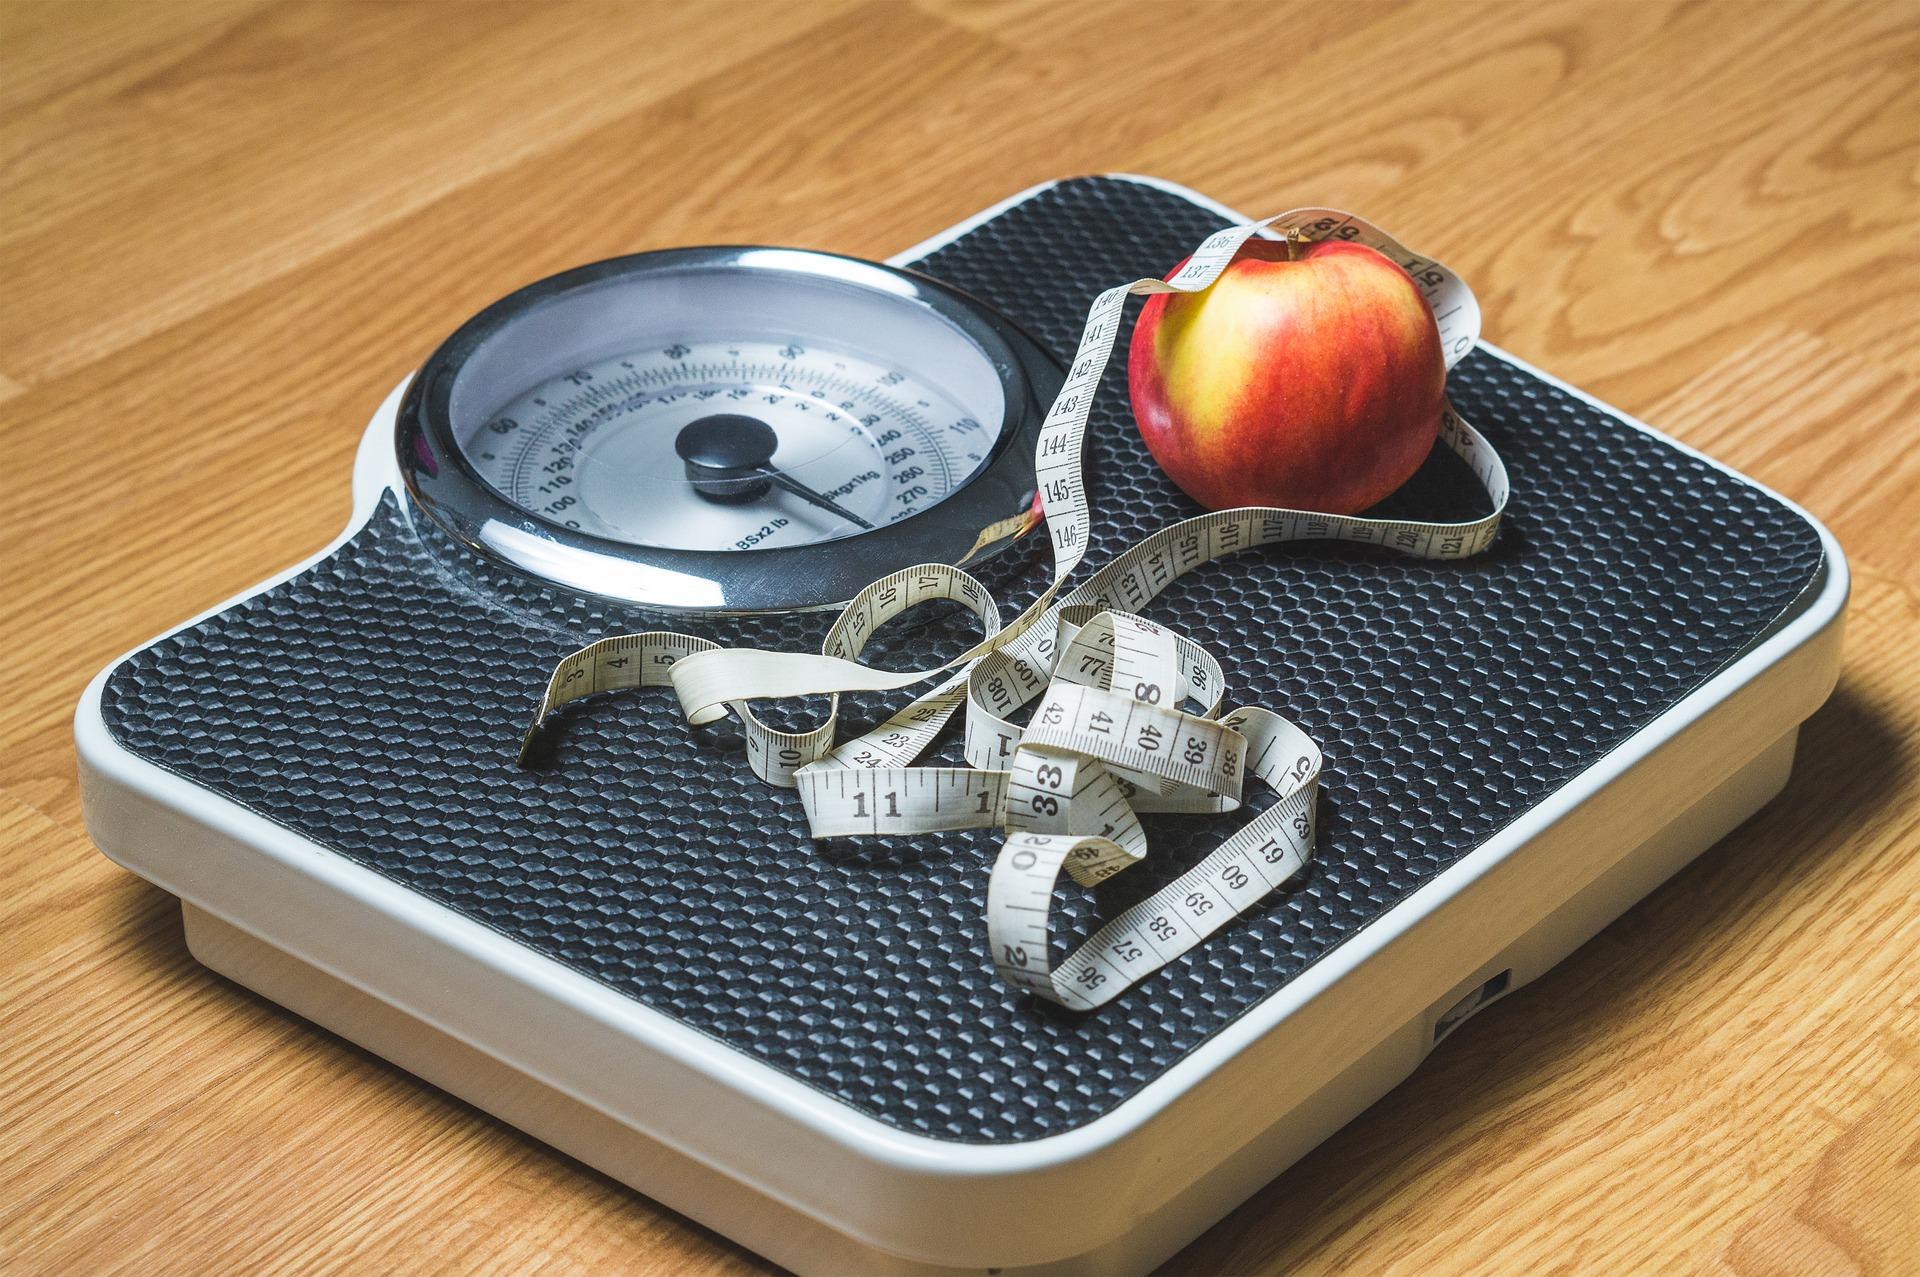 Fettforbrenning - Slik øker oppnår du økt forbrenning